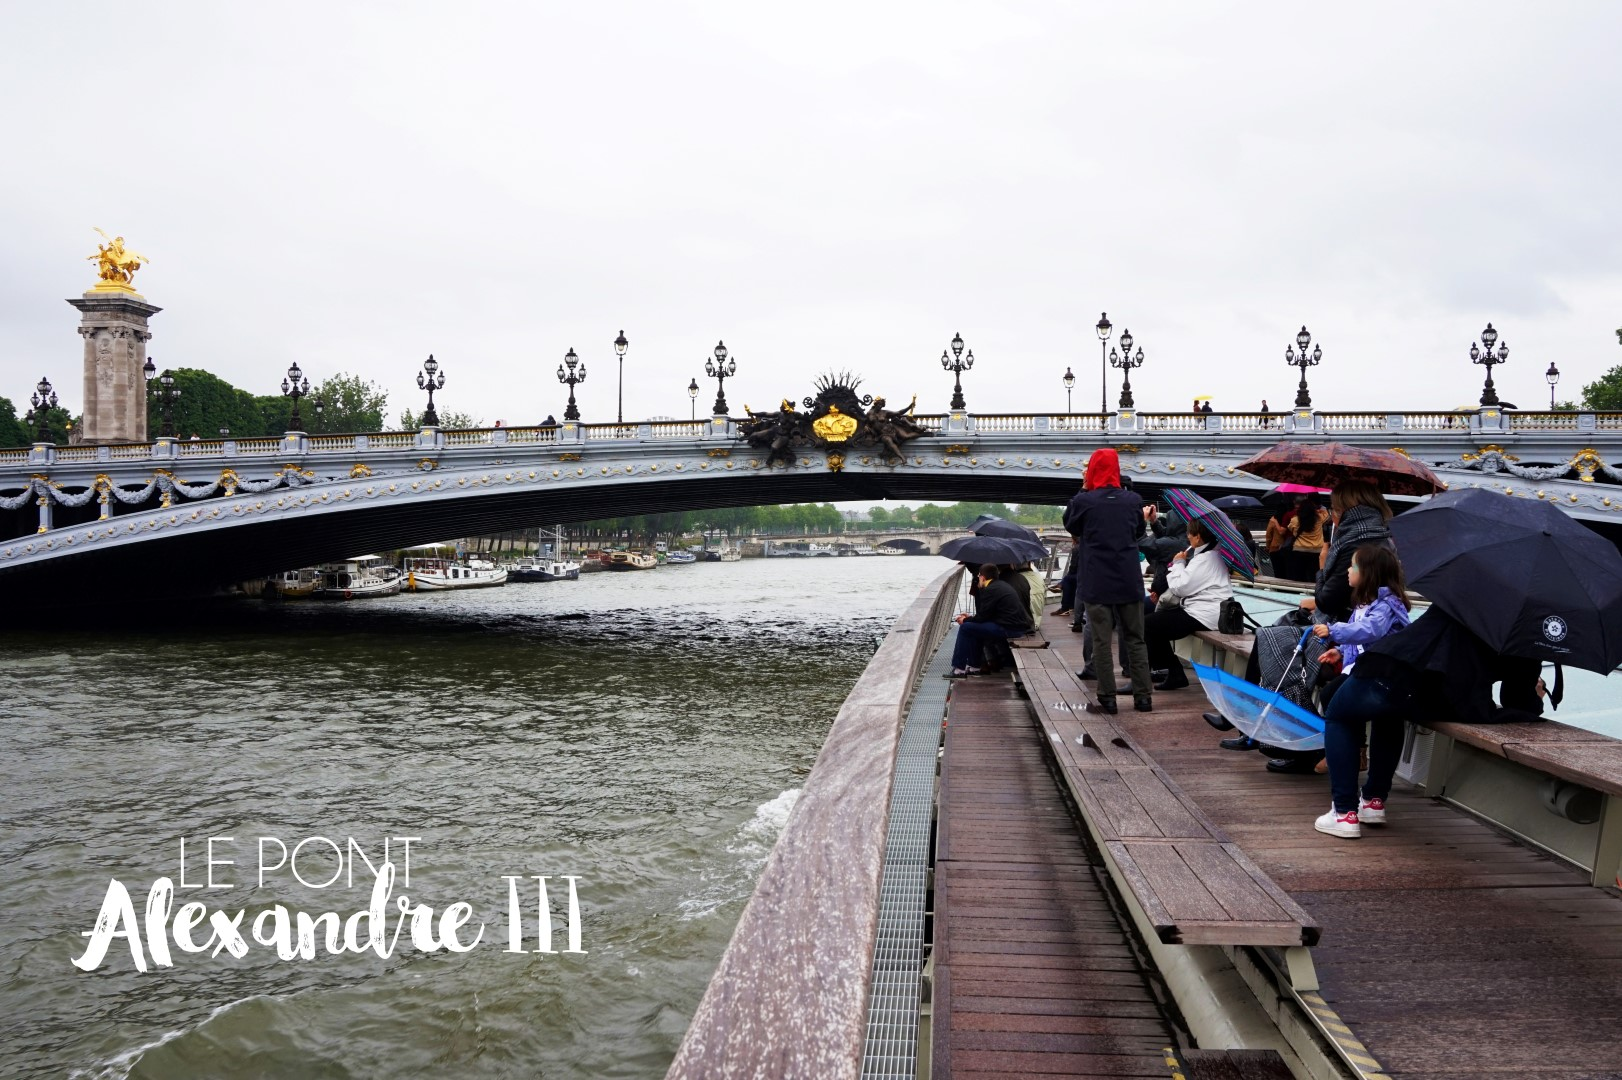 Croisière sur la Seine - Bateaux Parisiens - Pont Alexandre III